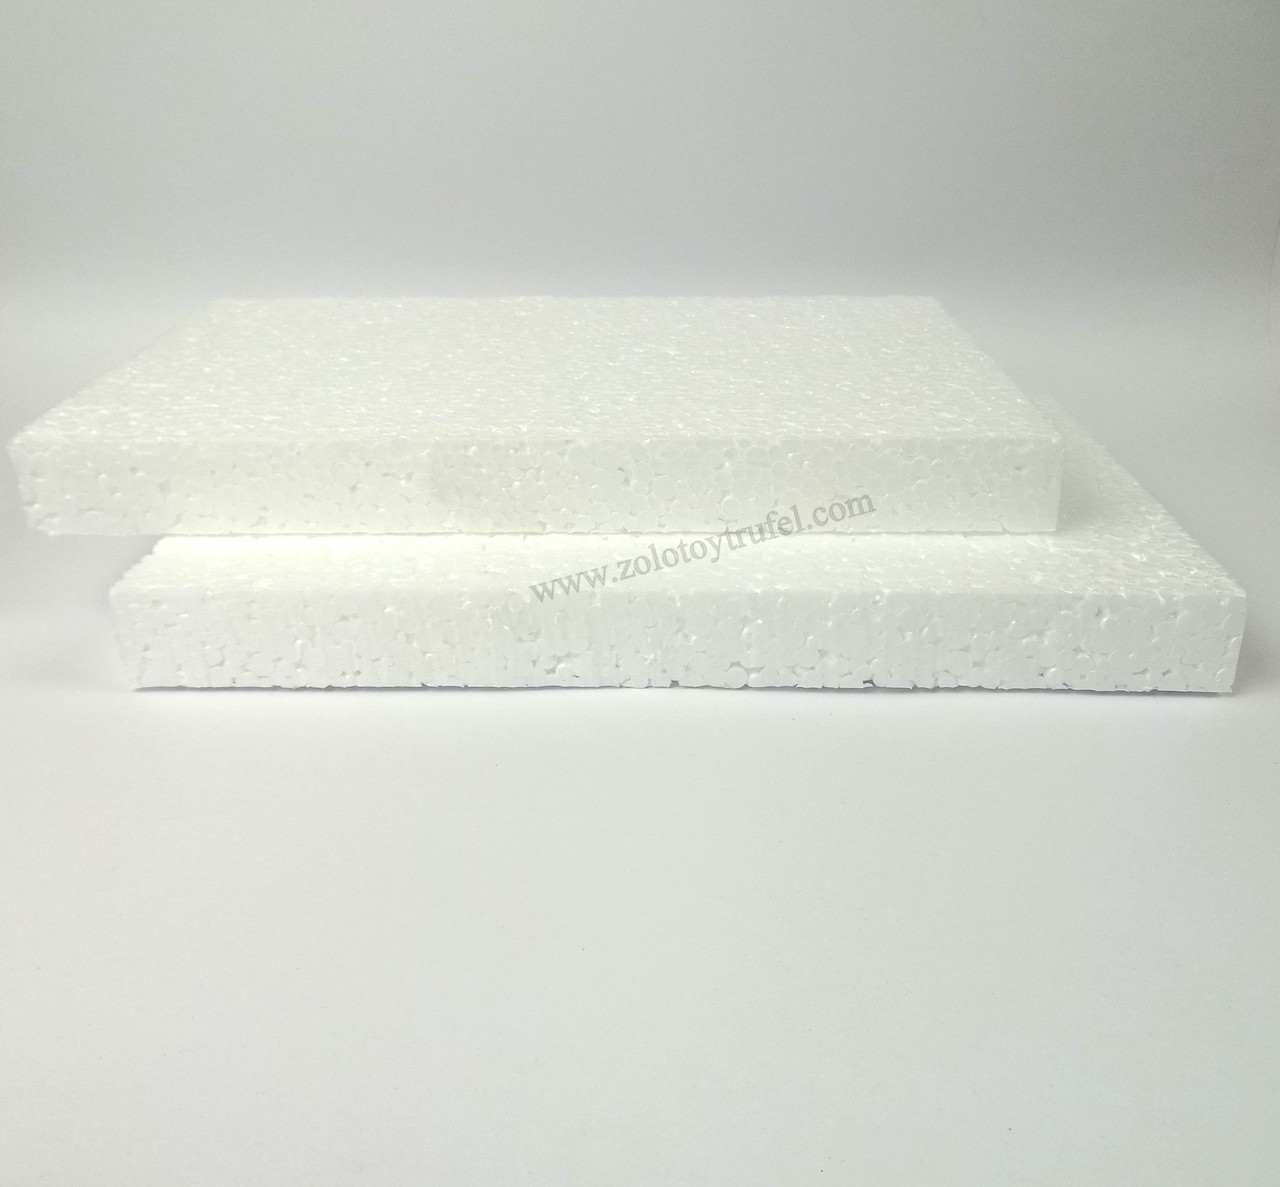 Прослойки пенопластовые для торта 40*40 см h 3 см